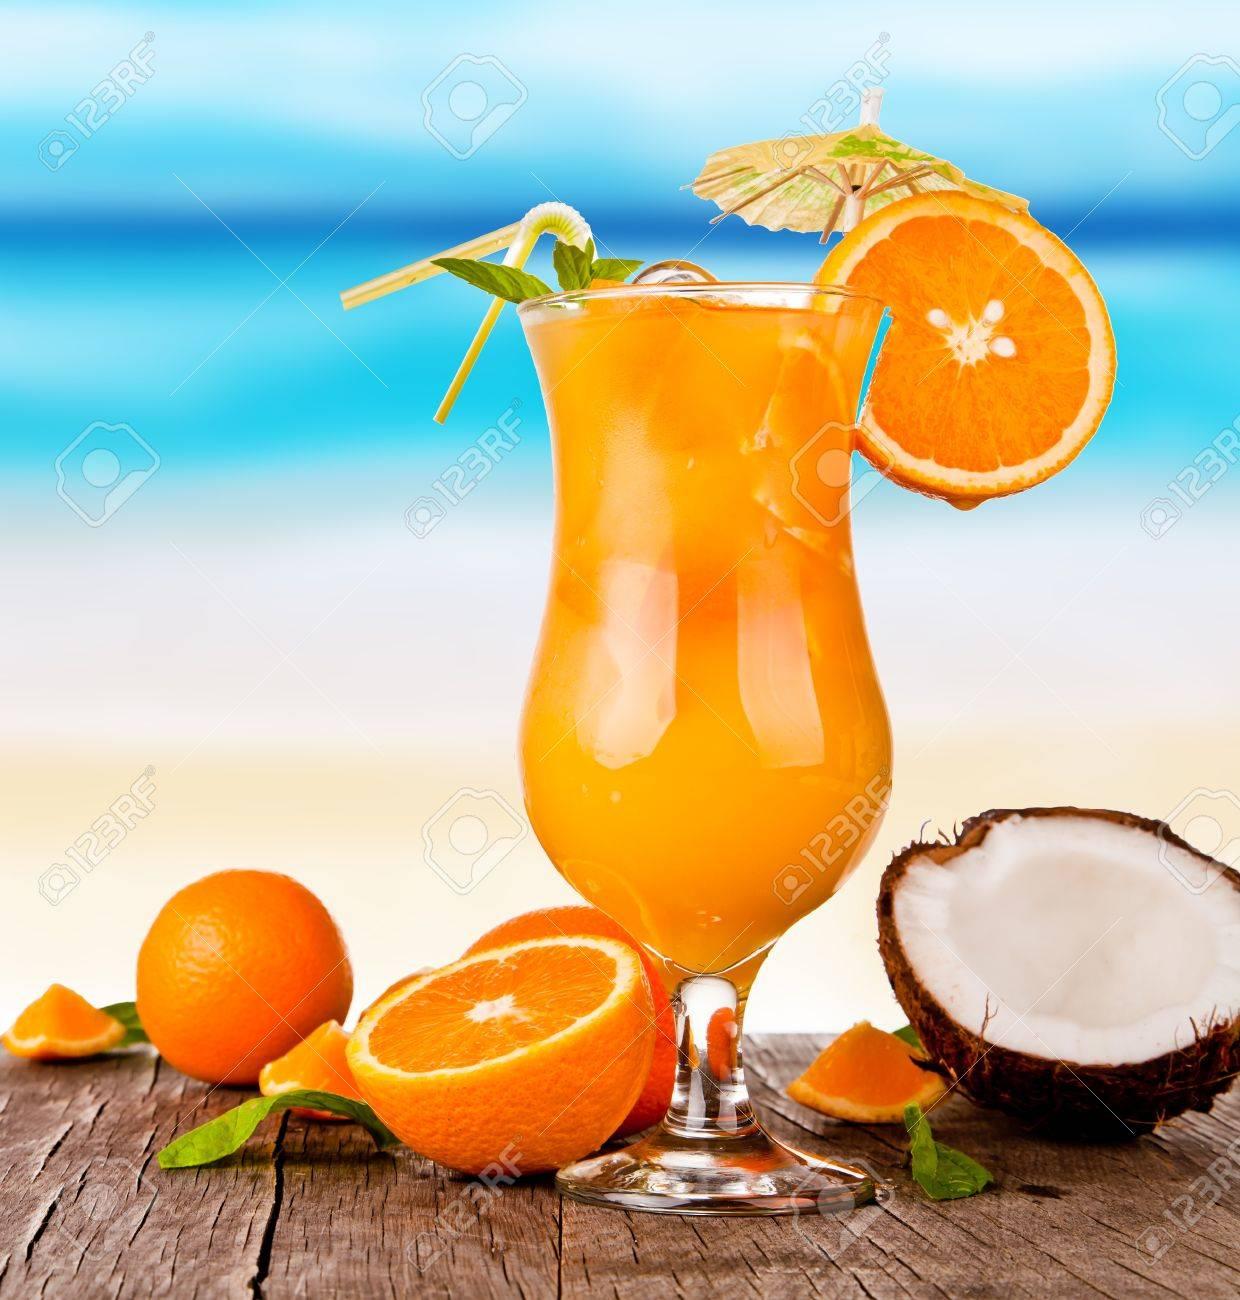 Sommer Getränke Mit Unschärfe Strand Auf Hintergrund Lizenzfreie ...